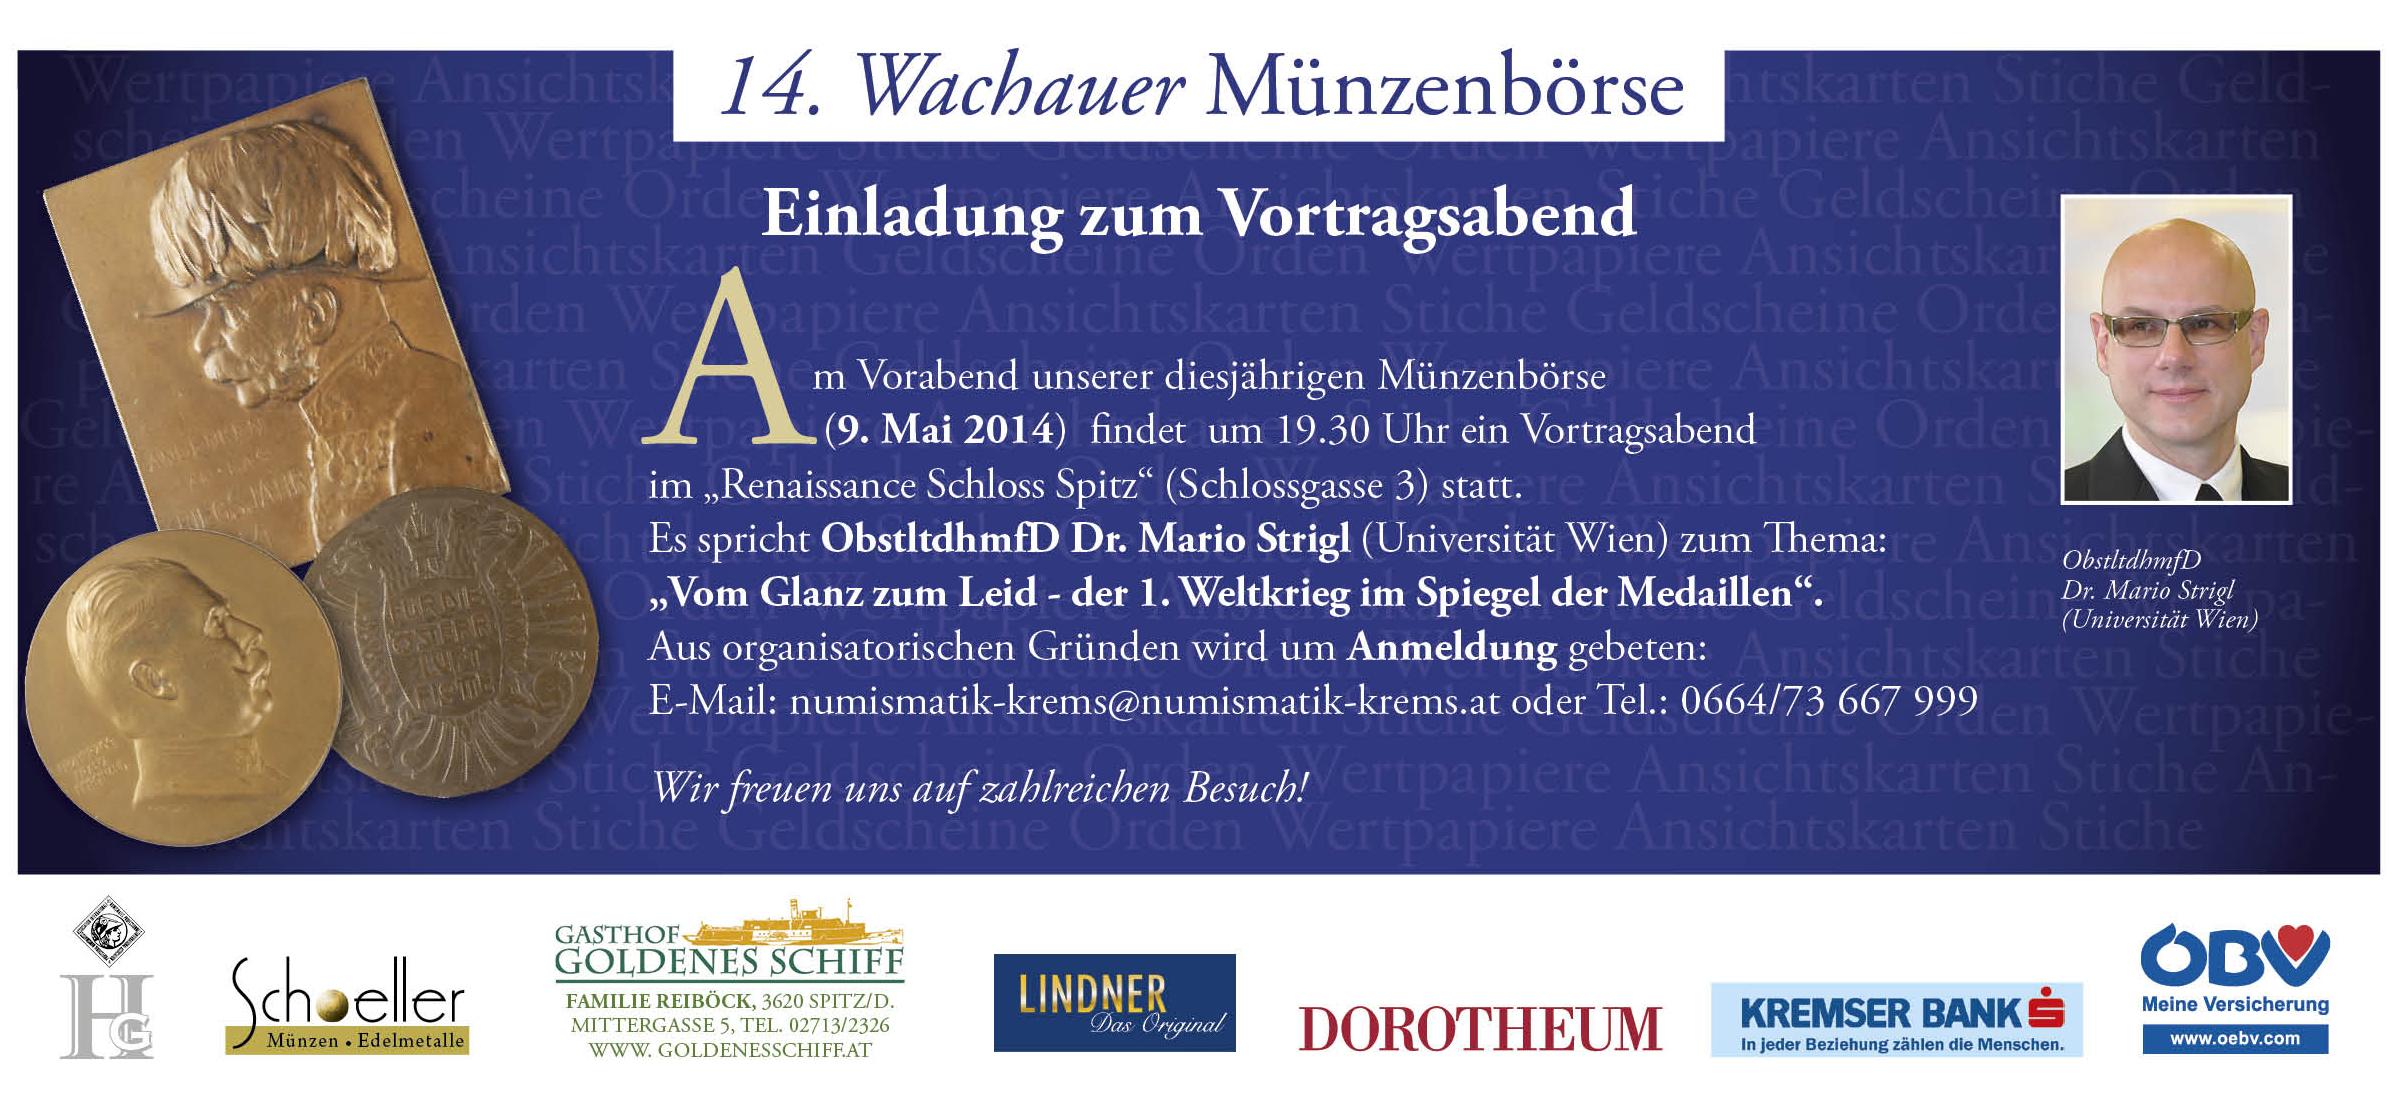 Vortrag Wachauer Münzbörse